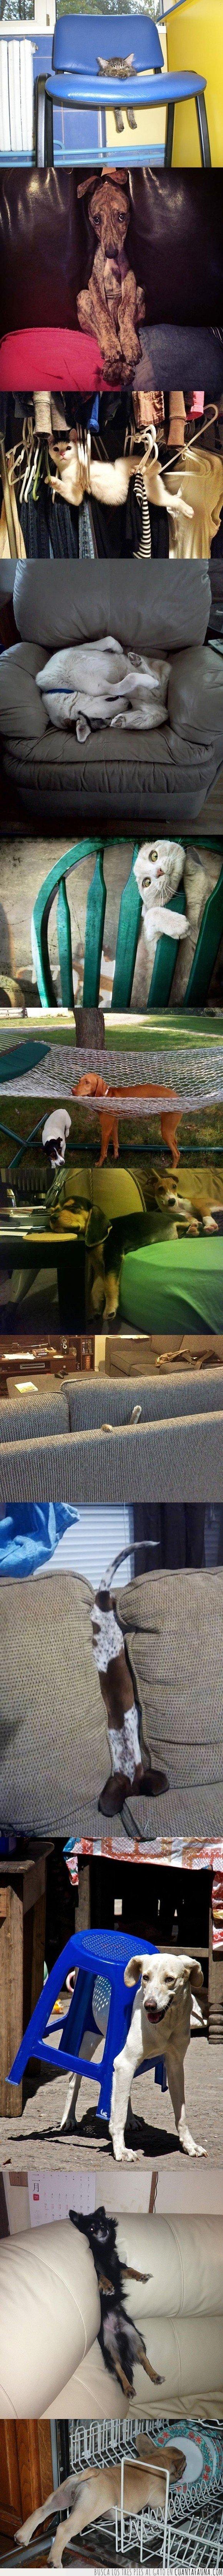 animales,fails,gatos,muebles,perros